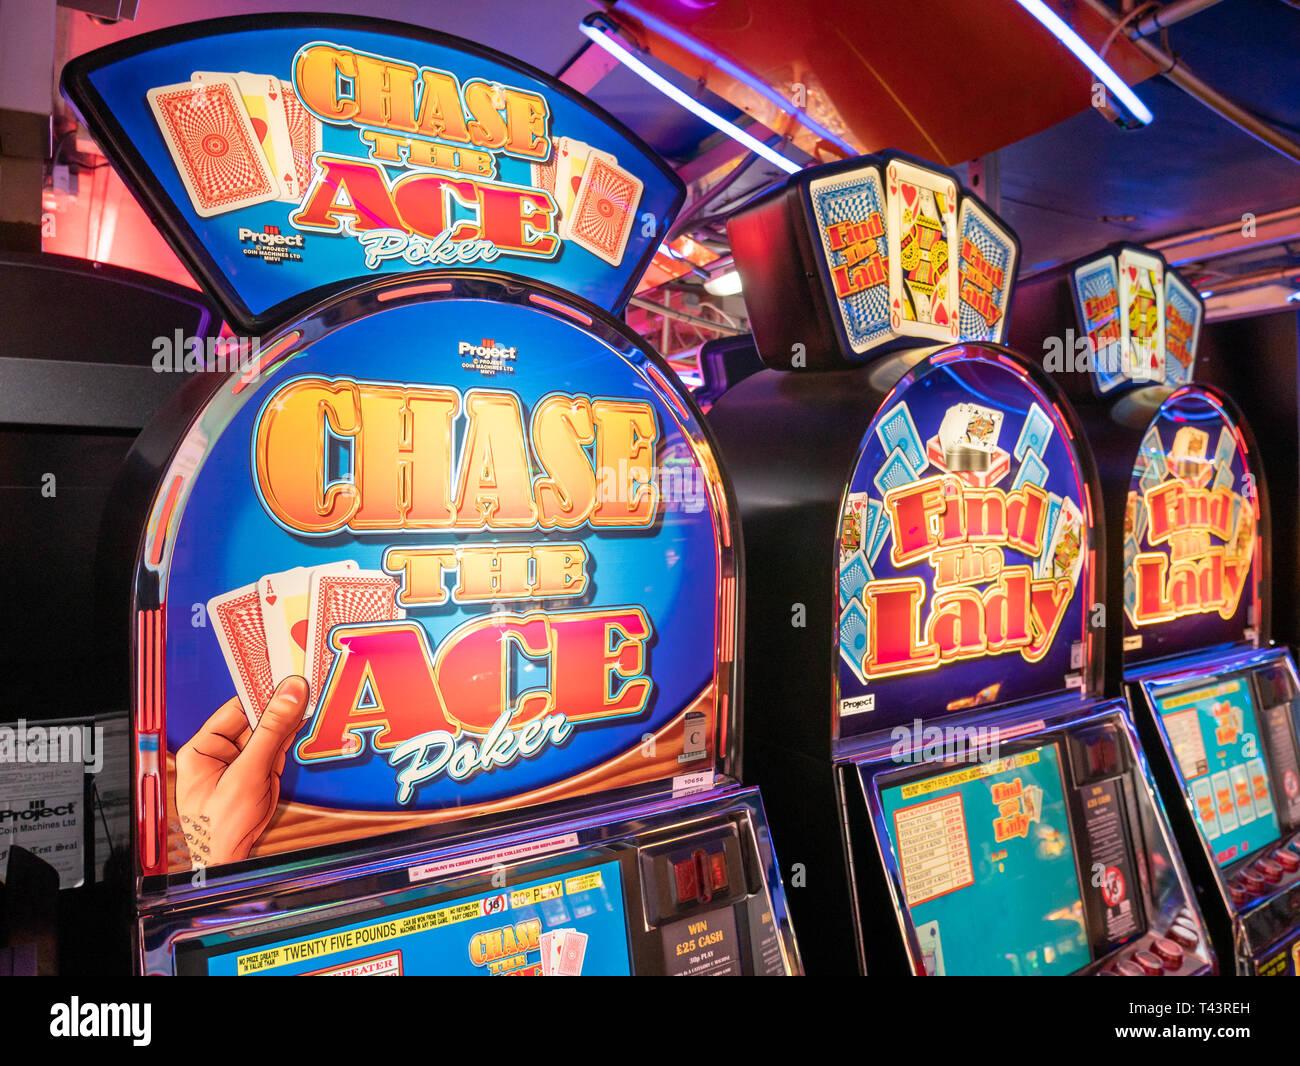 Card game gambling machines, London, UK - Stock Image